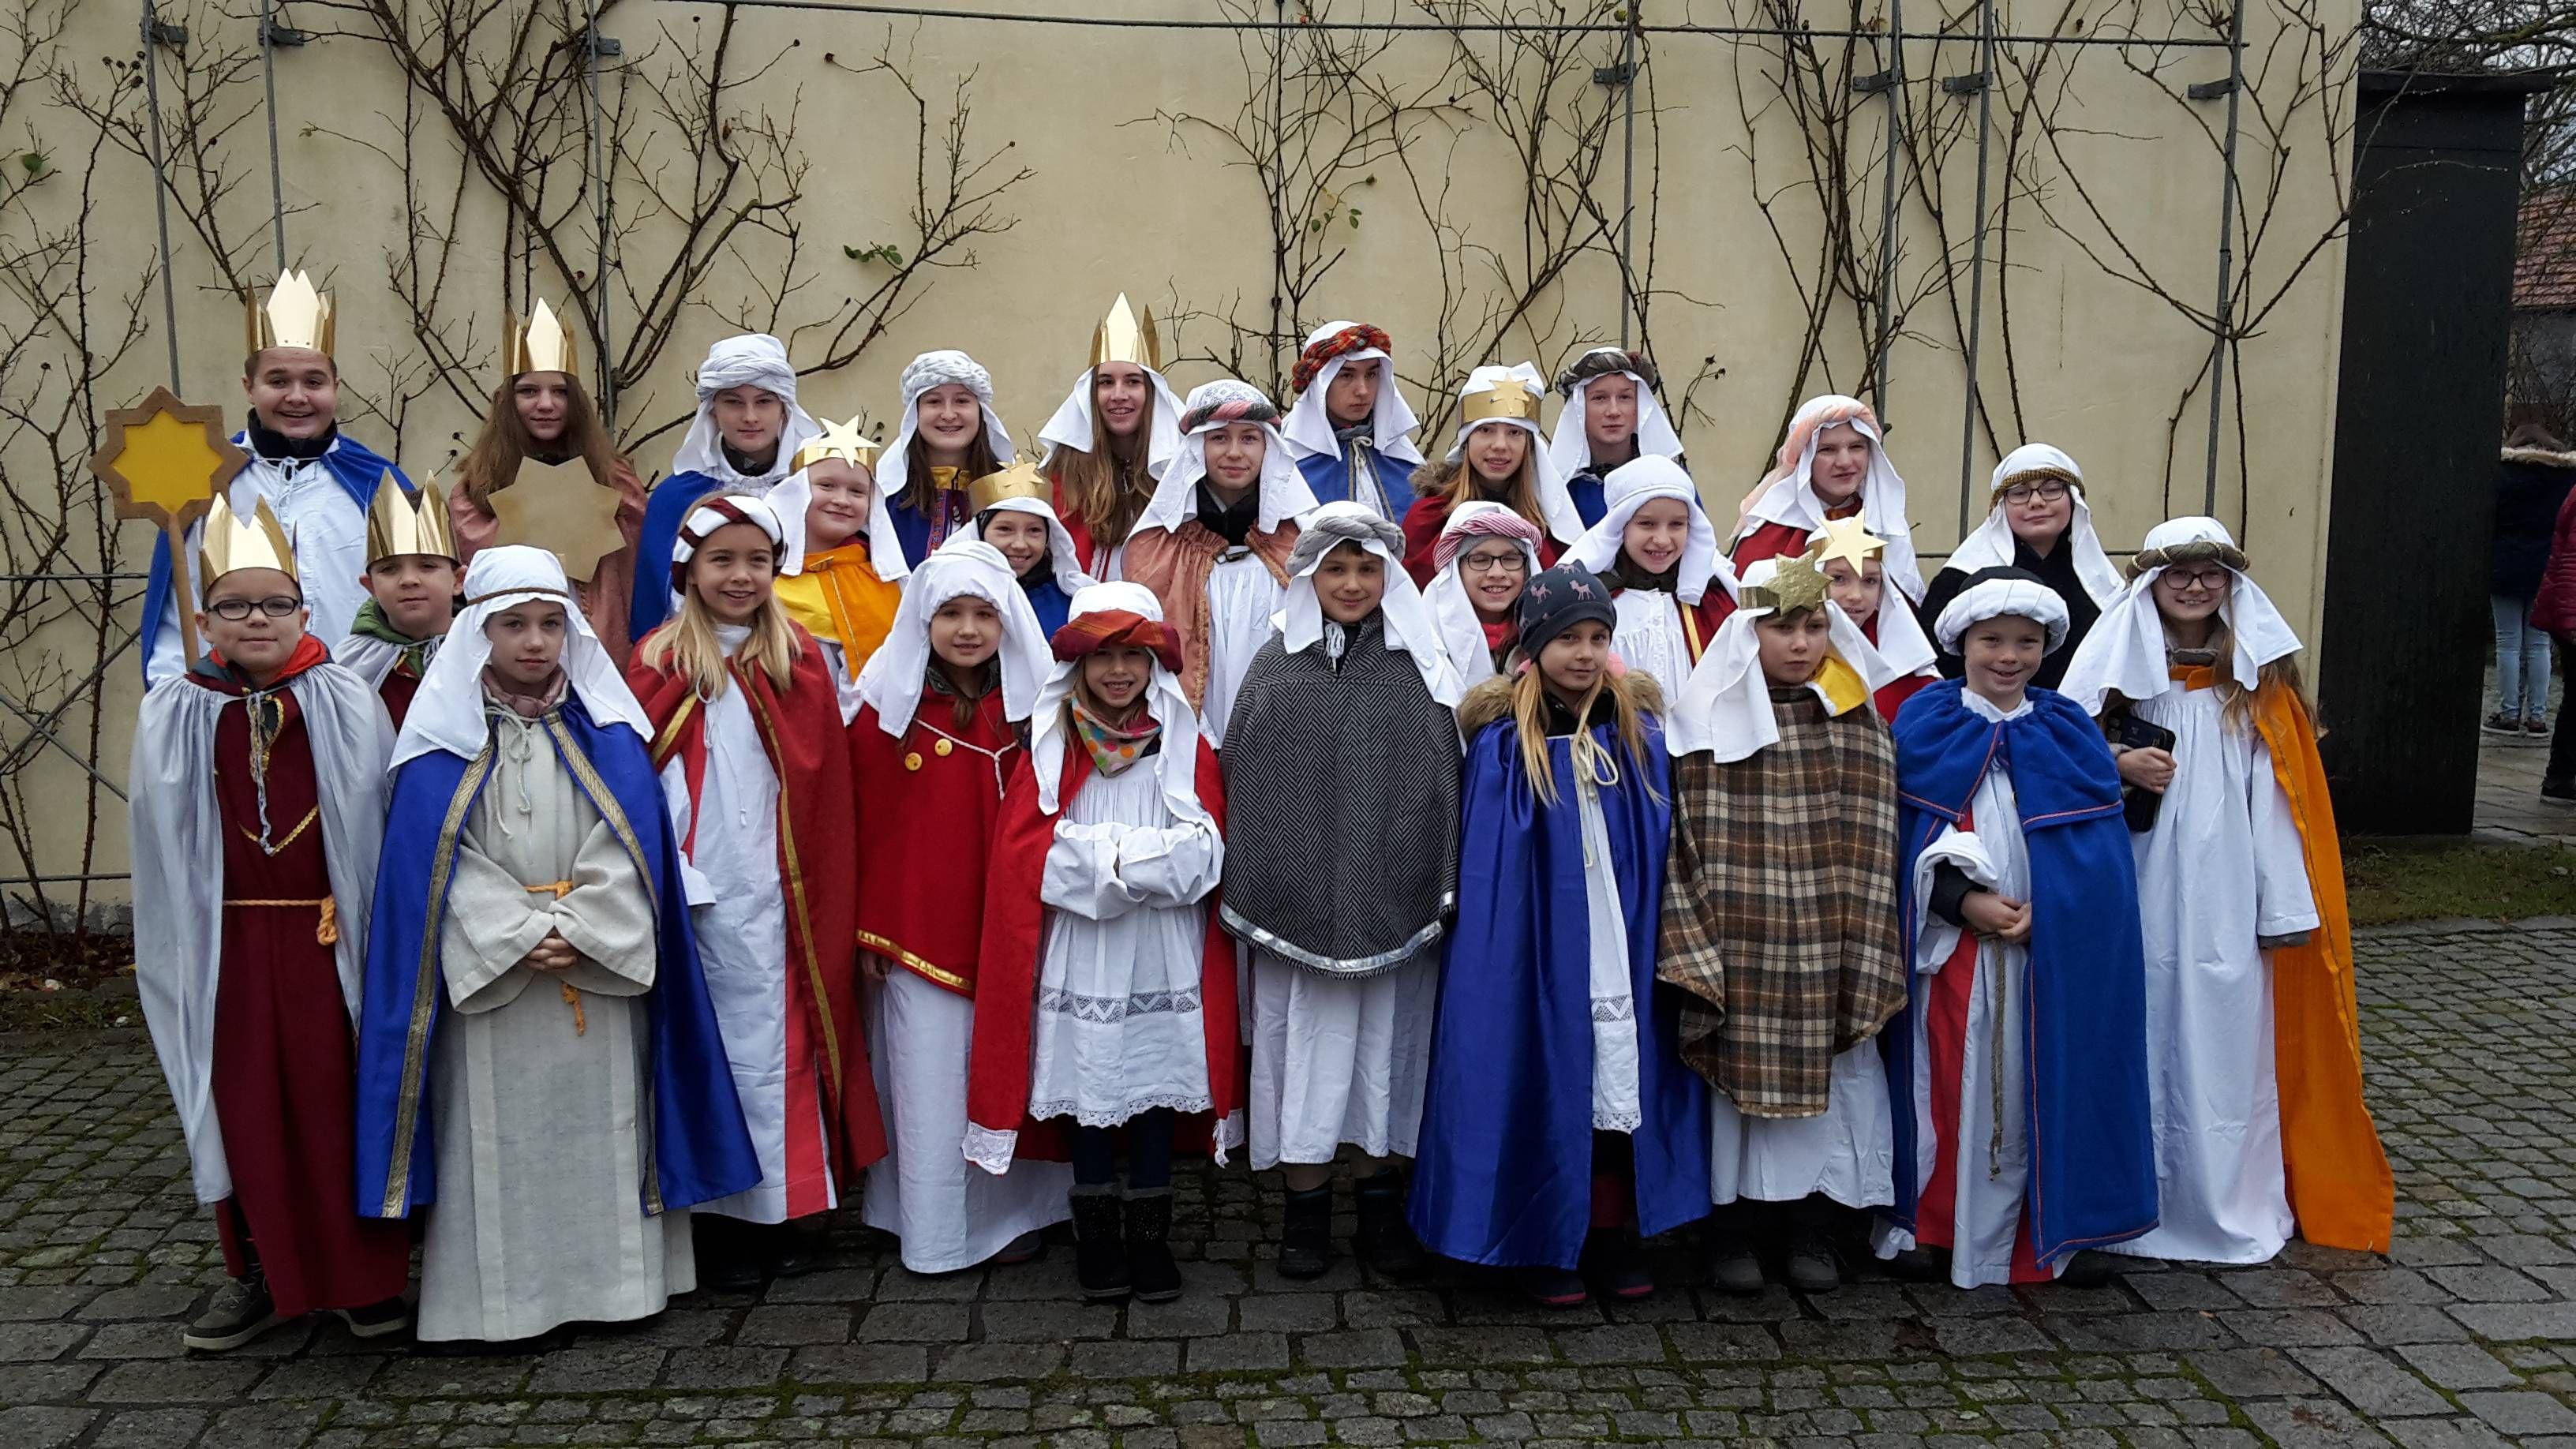 27 Kinder aus Eschenau und Westheim (beides Dekanat Haßberge) machten sich in den beiden Dörfern auf den Weg um die Sternsingeraktion zu unterstützen.